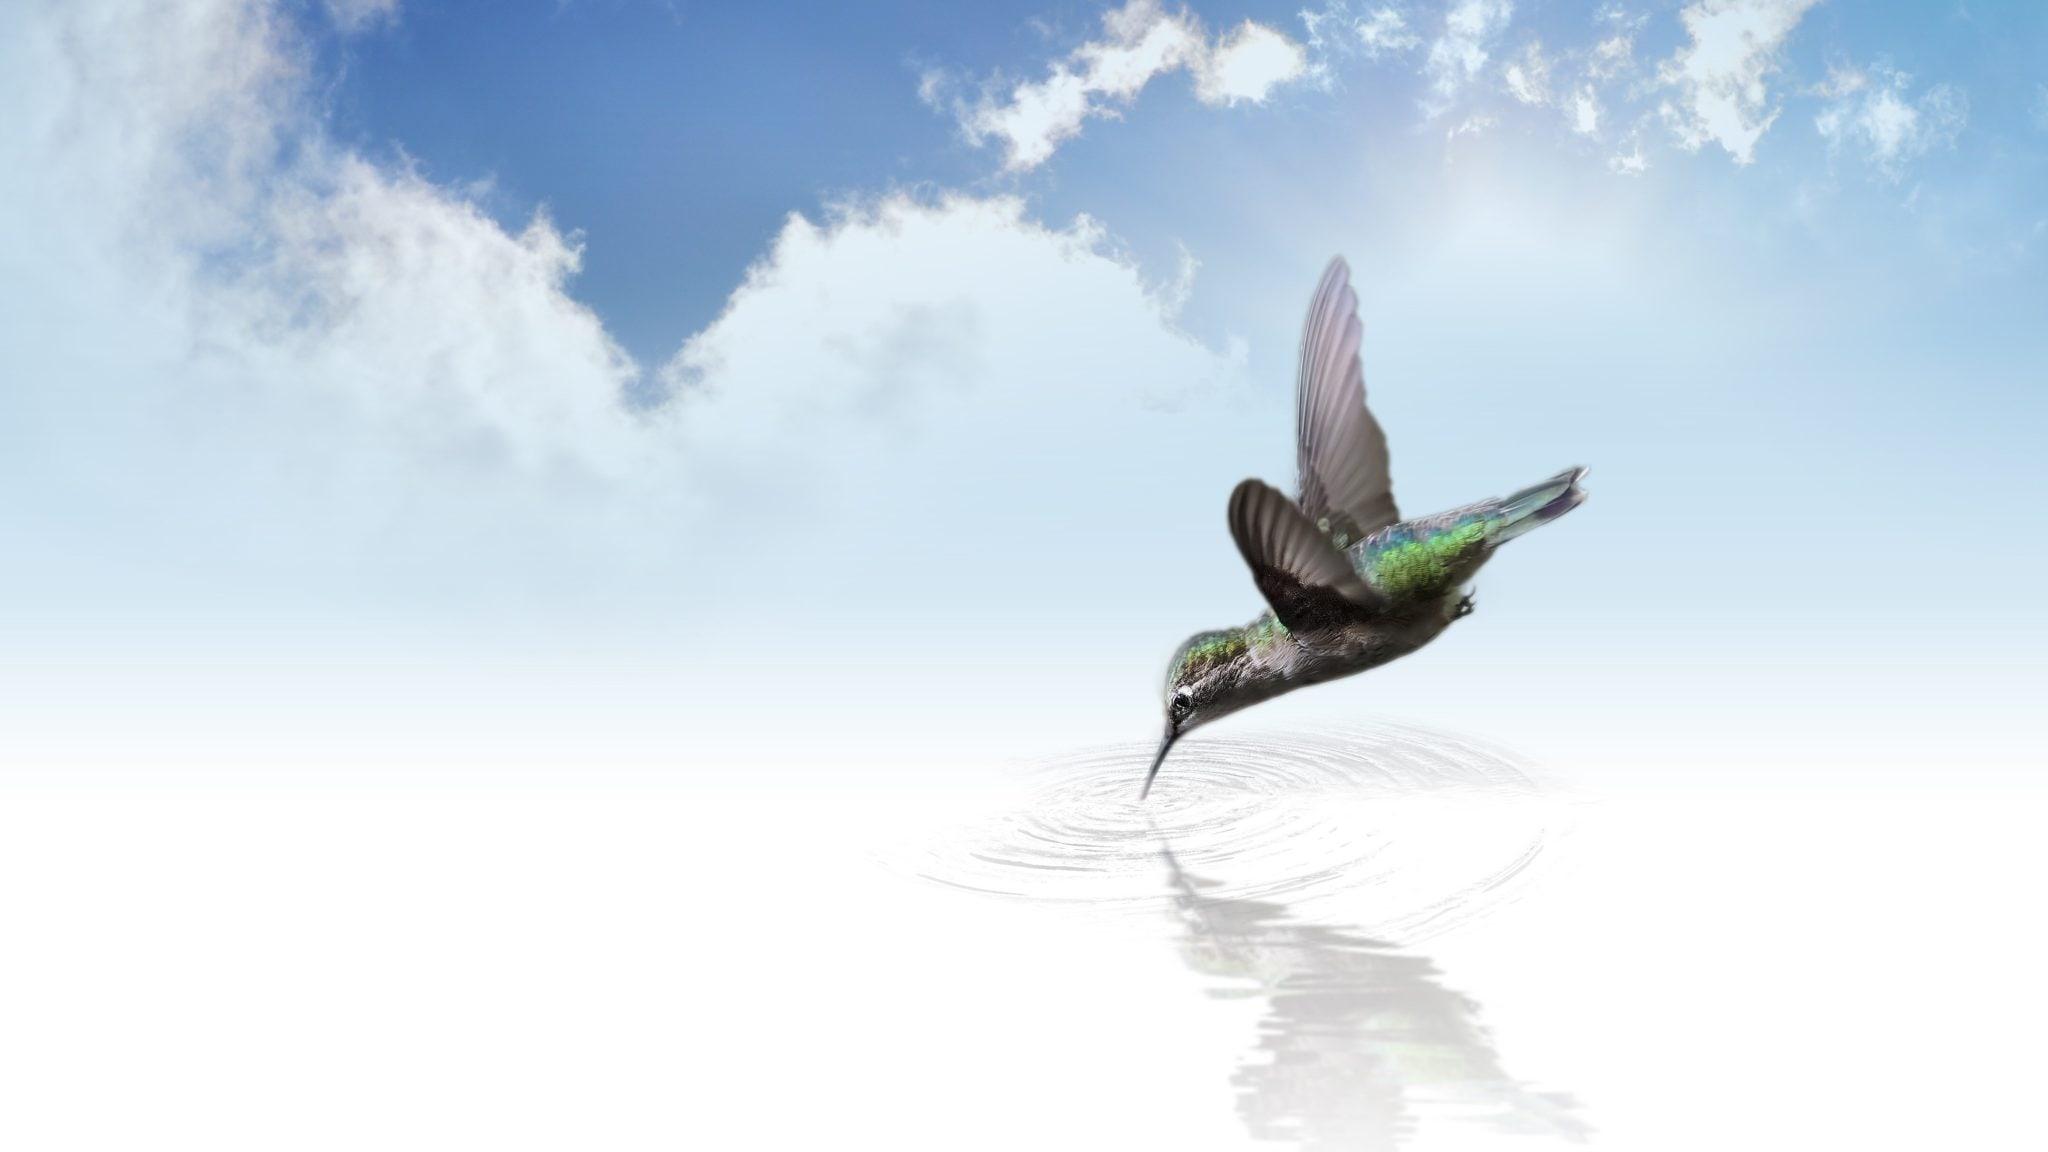 Træk vejret – åndedrætsøvelser til nedbringelse af angst og stress